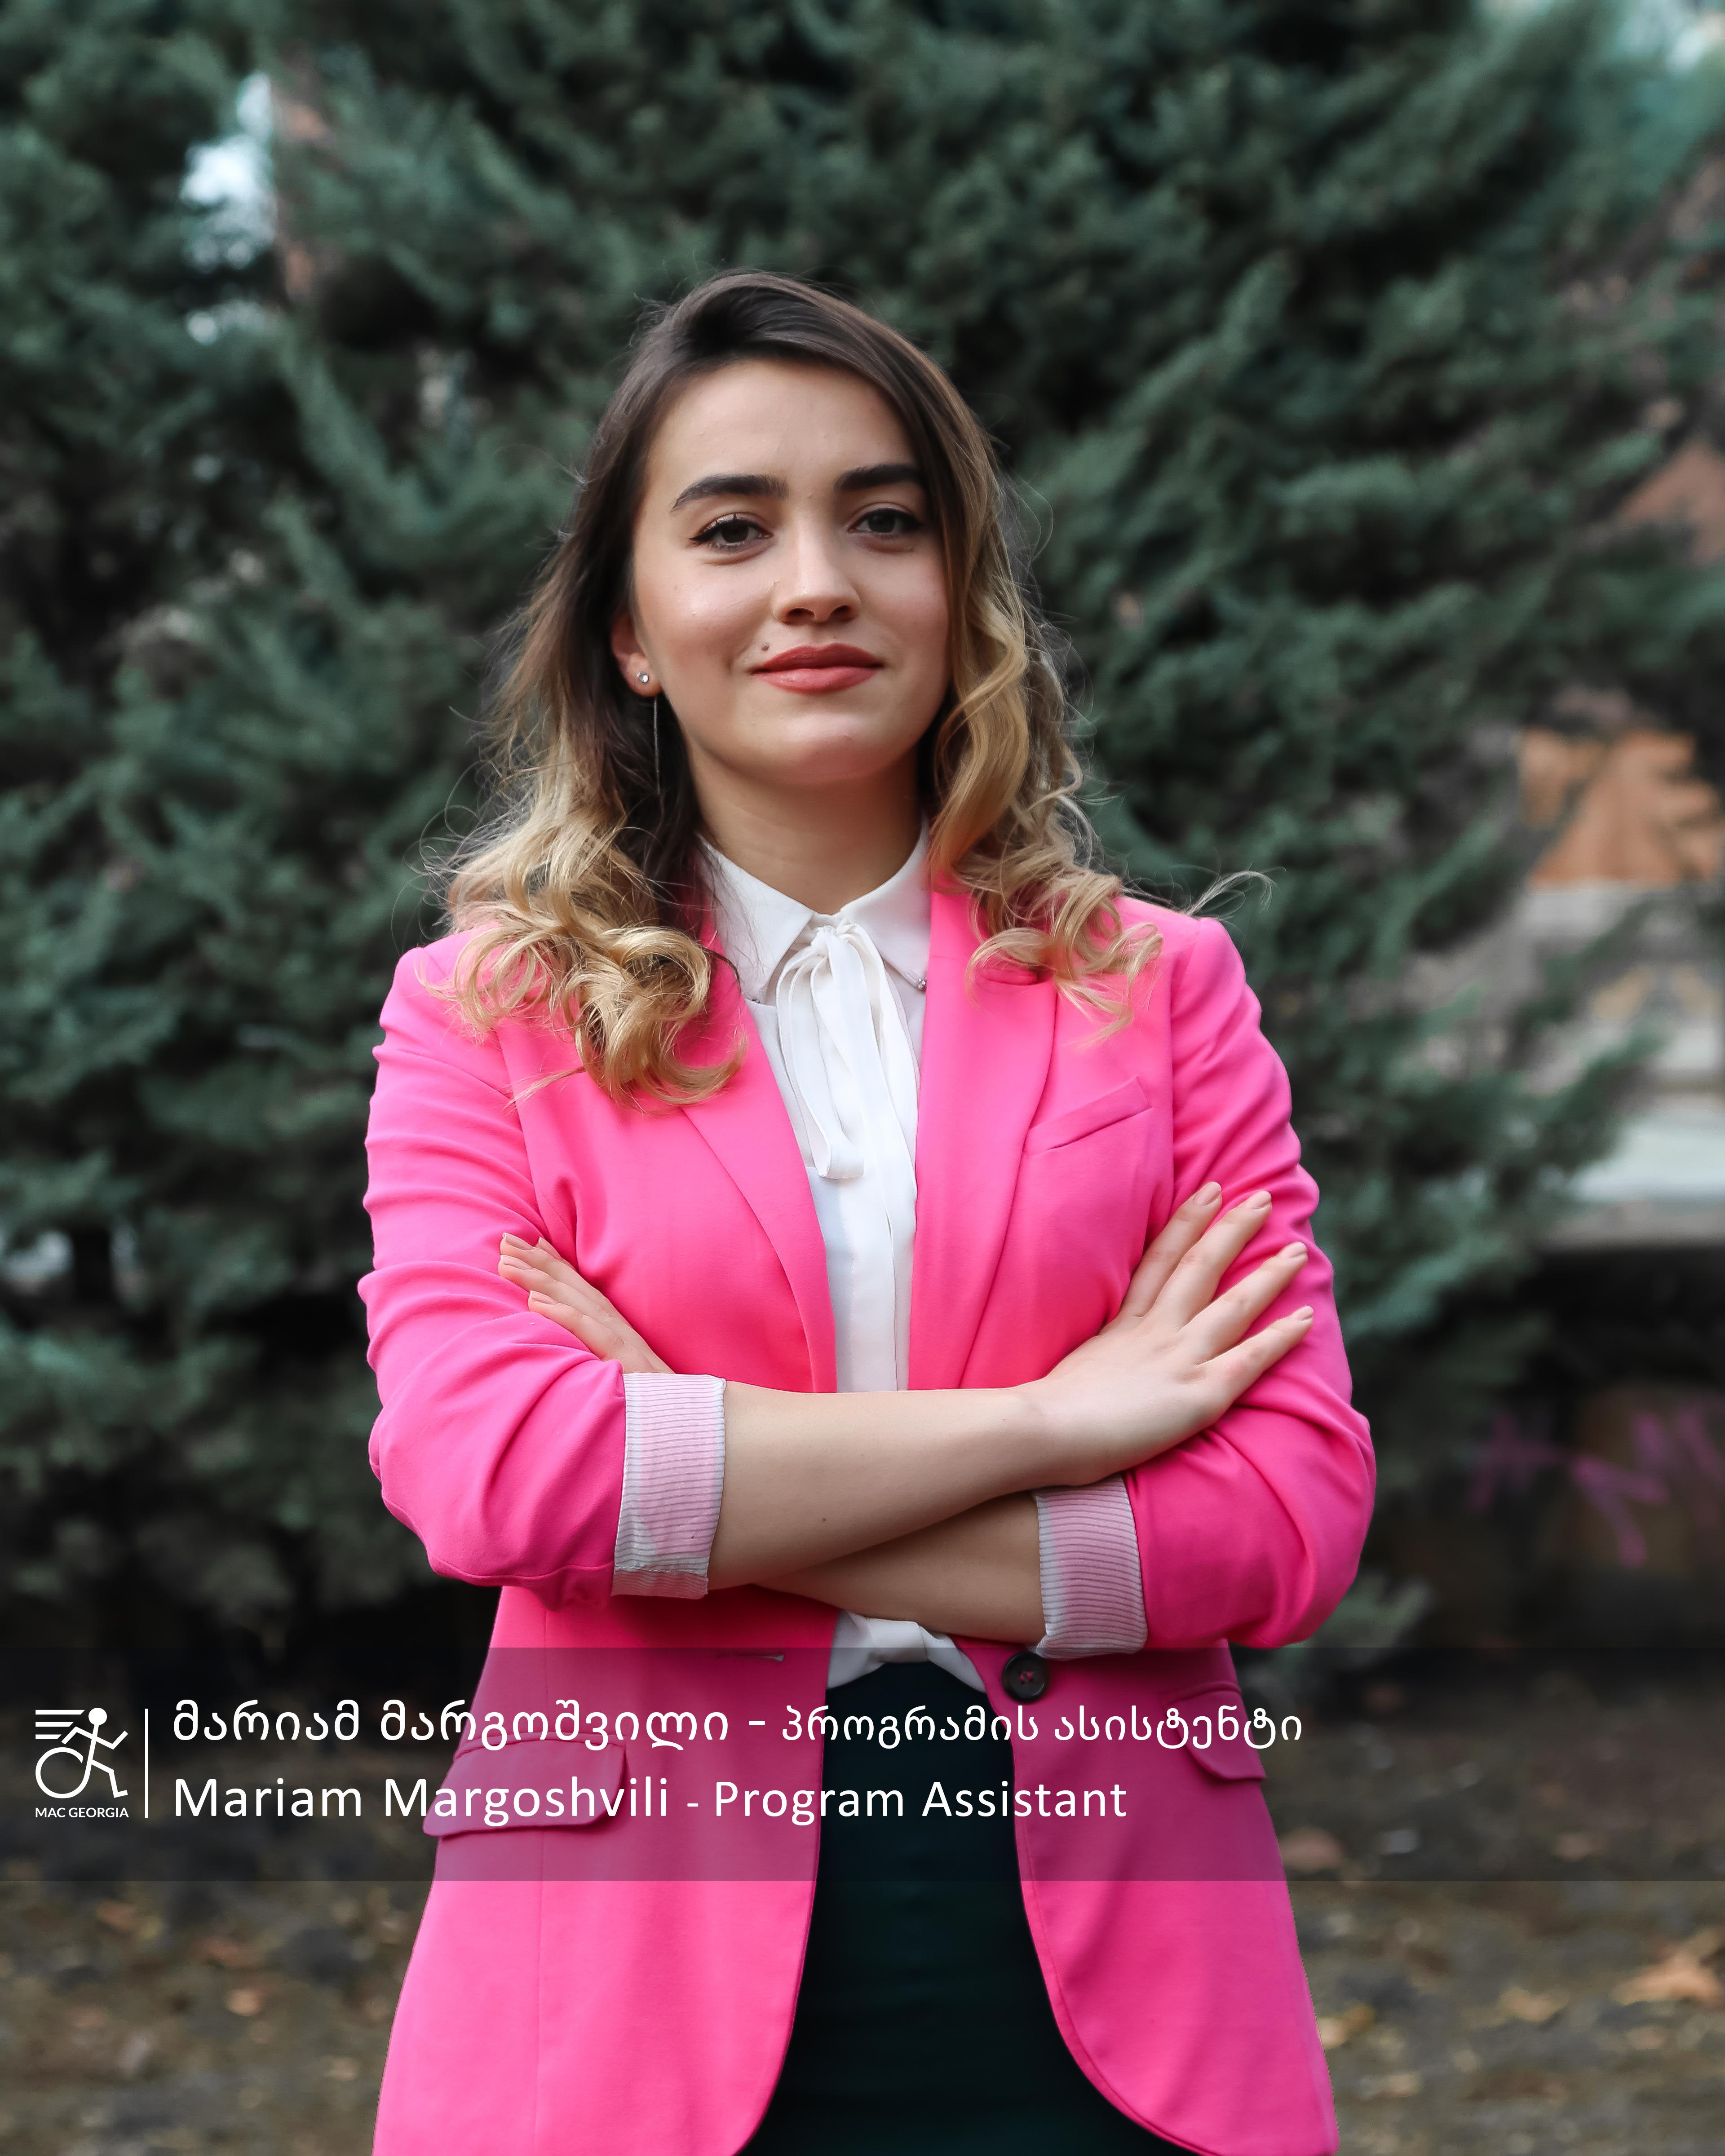 mariam margoshvili